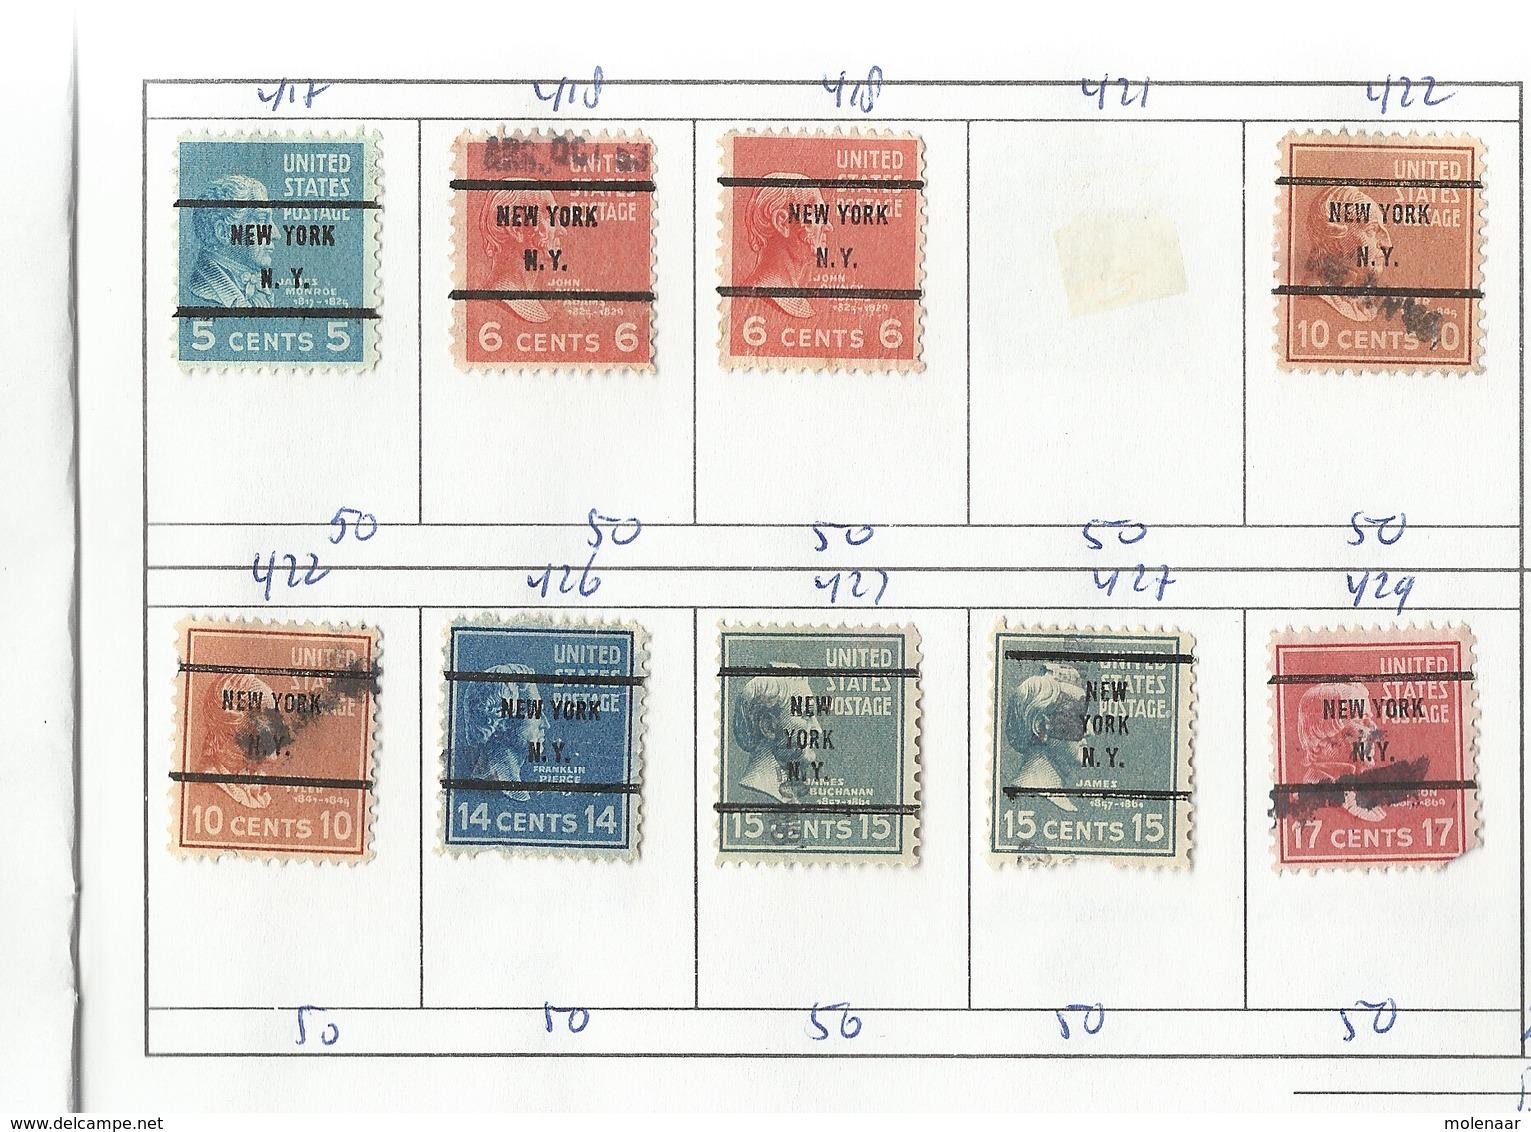 U.S.A 332 Zegels Met Voorafstempelingen (Precancels) - United States